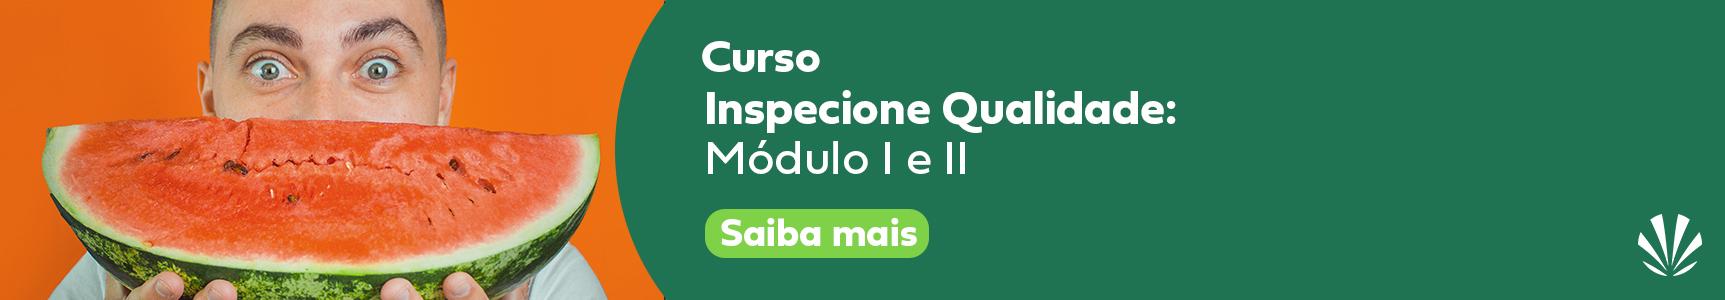 Curso Inspecione Qualidade-1